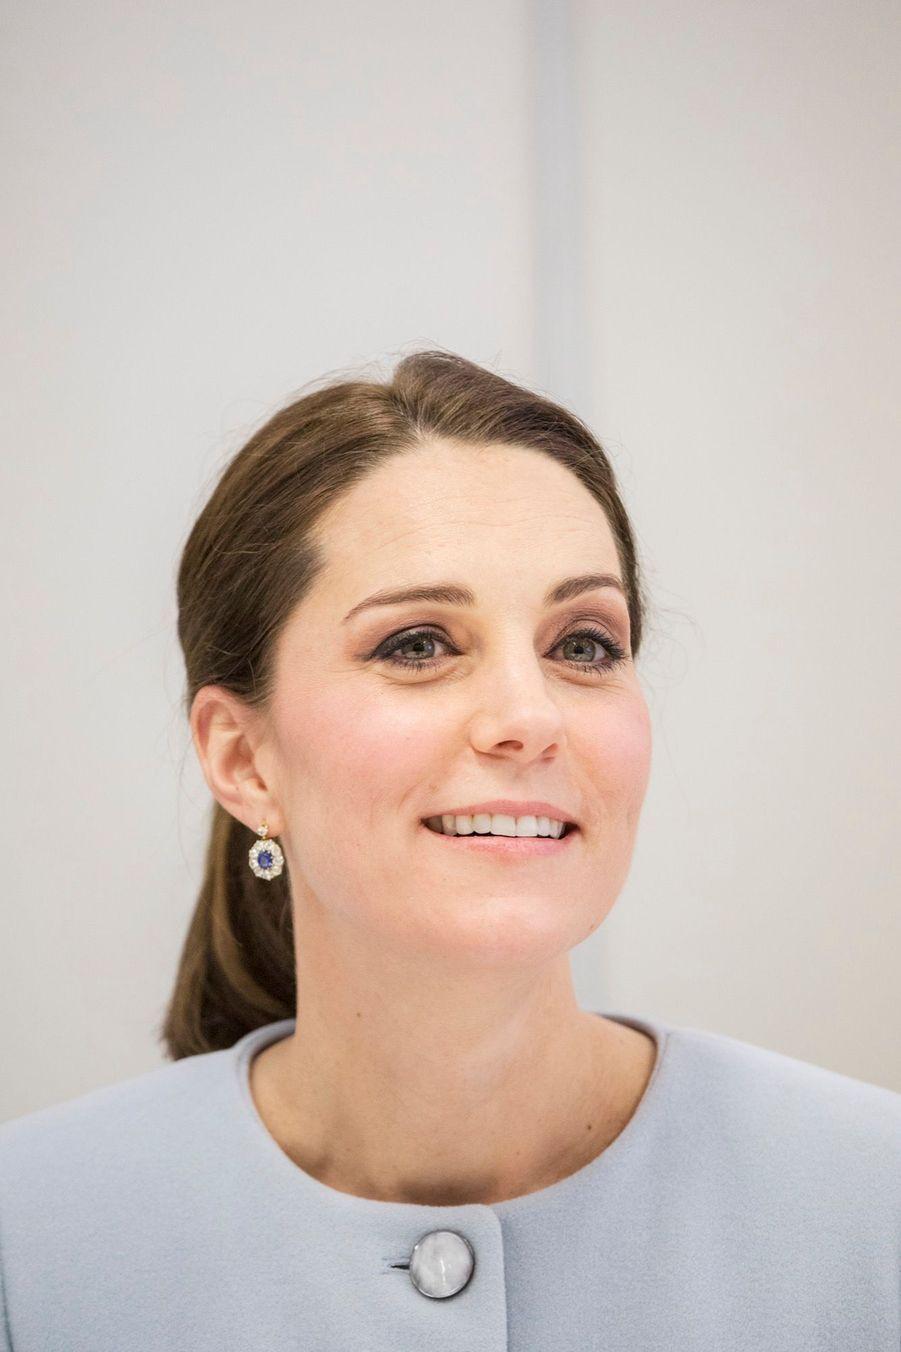 Kate Enceinte, Son Sourire Illumine Le Ciel Gris 10